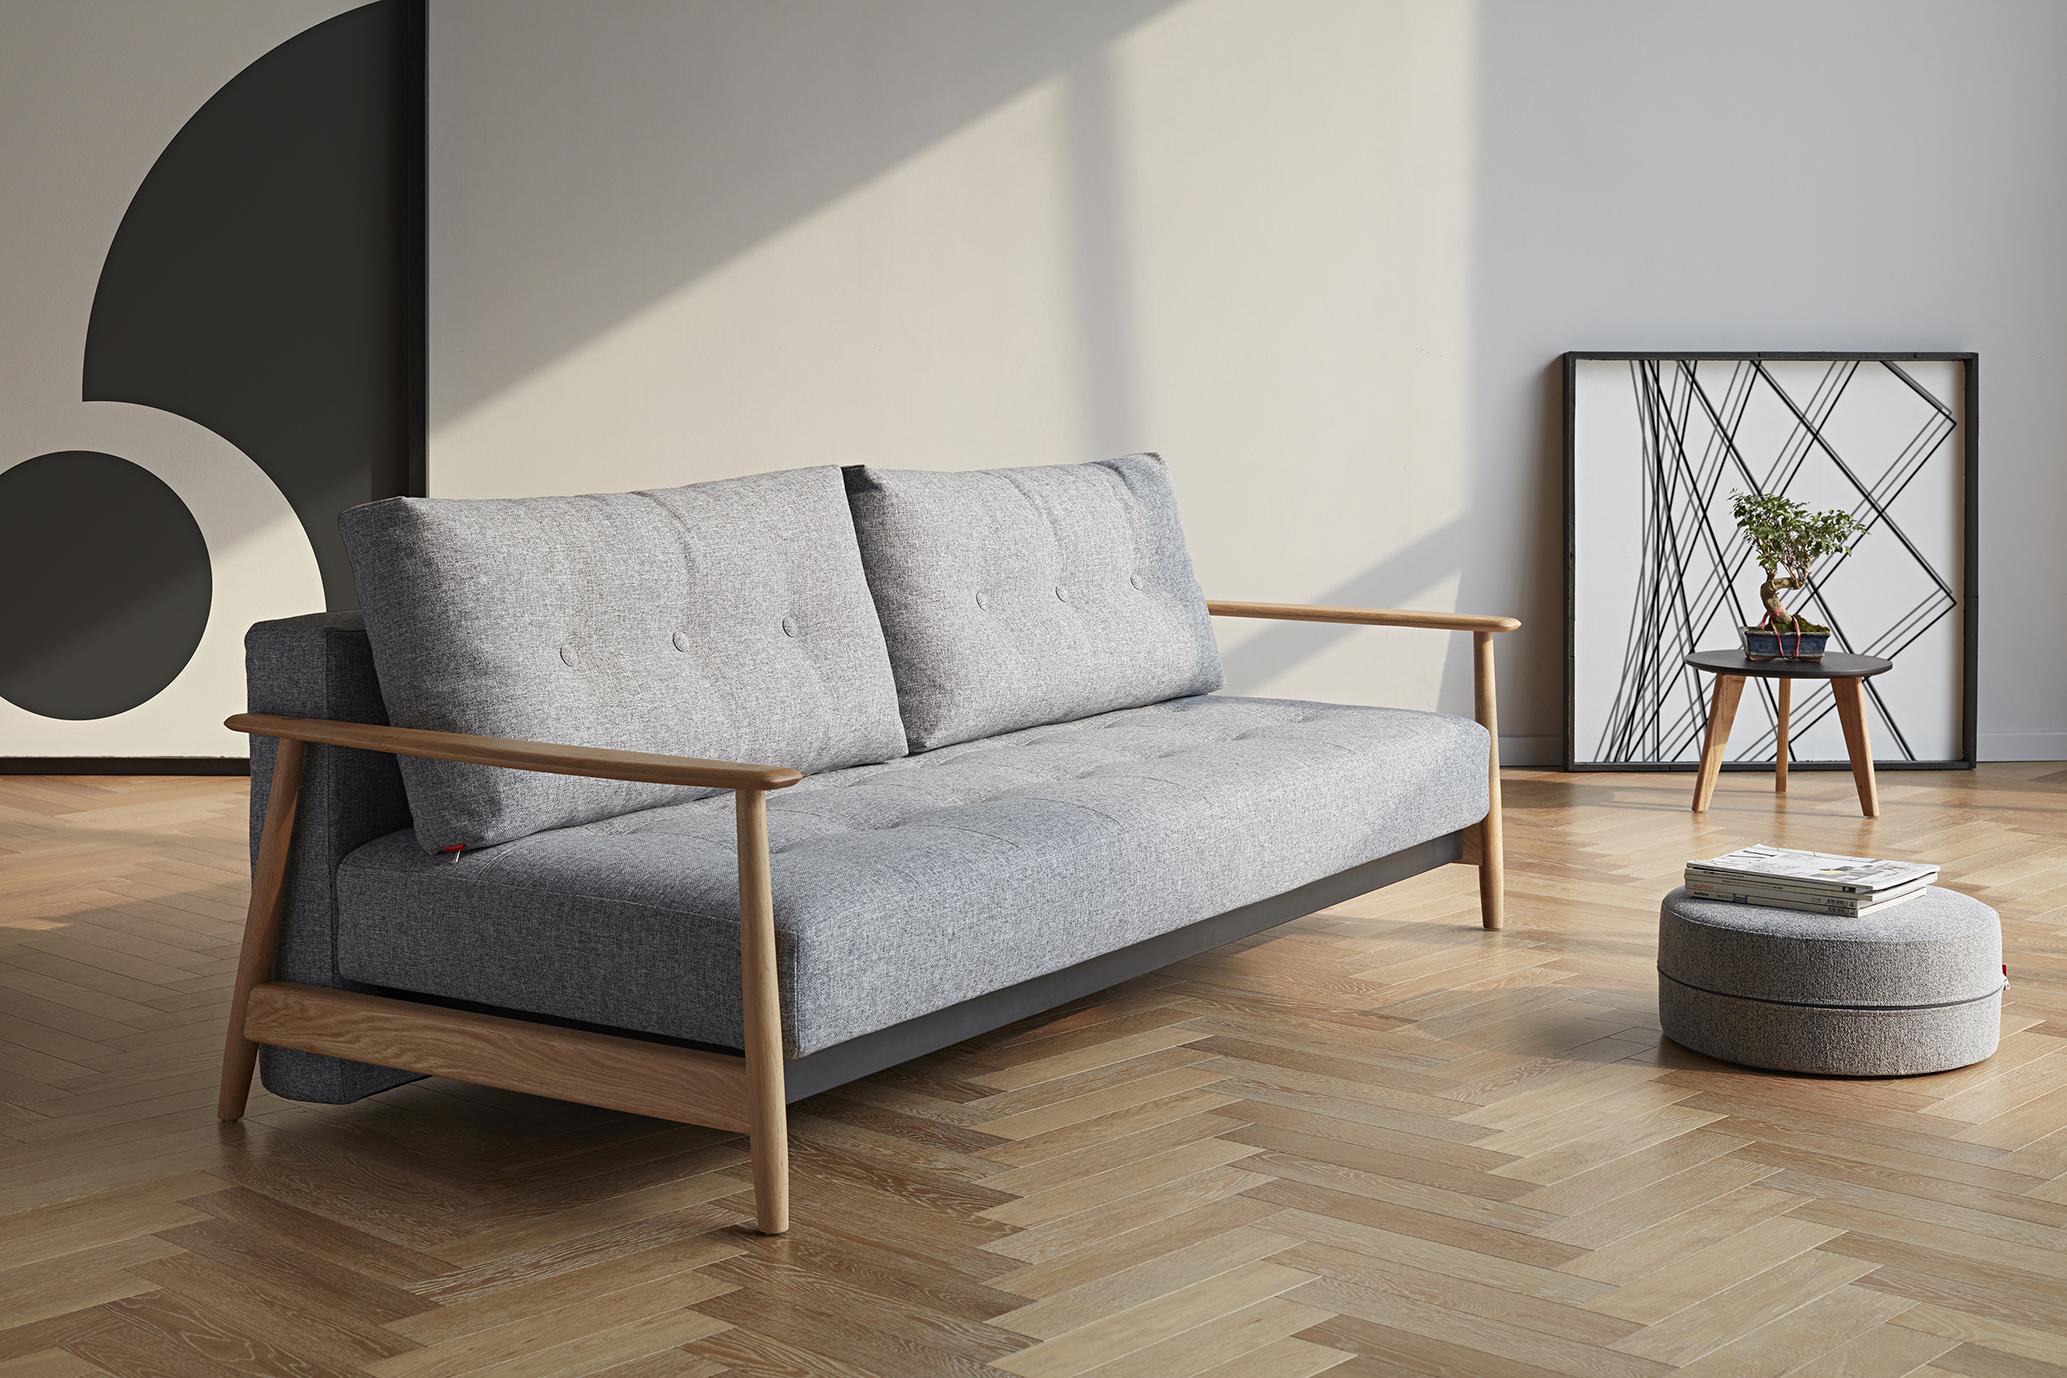 una-sofa-oliver-lukas-weisskrogh-2.jpg